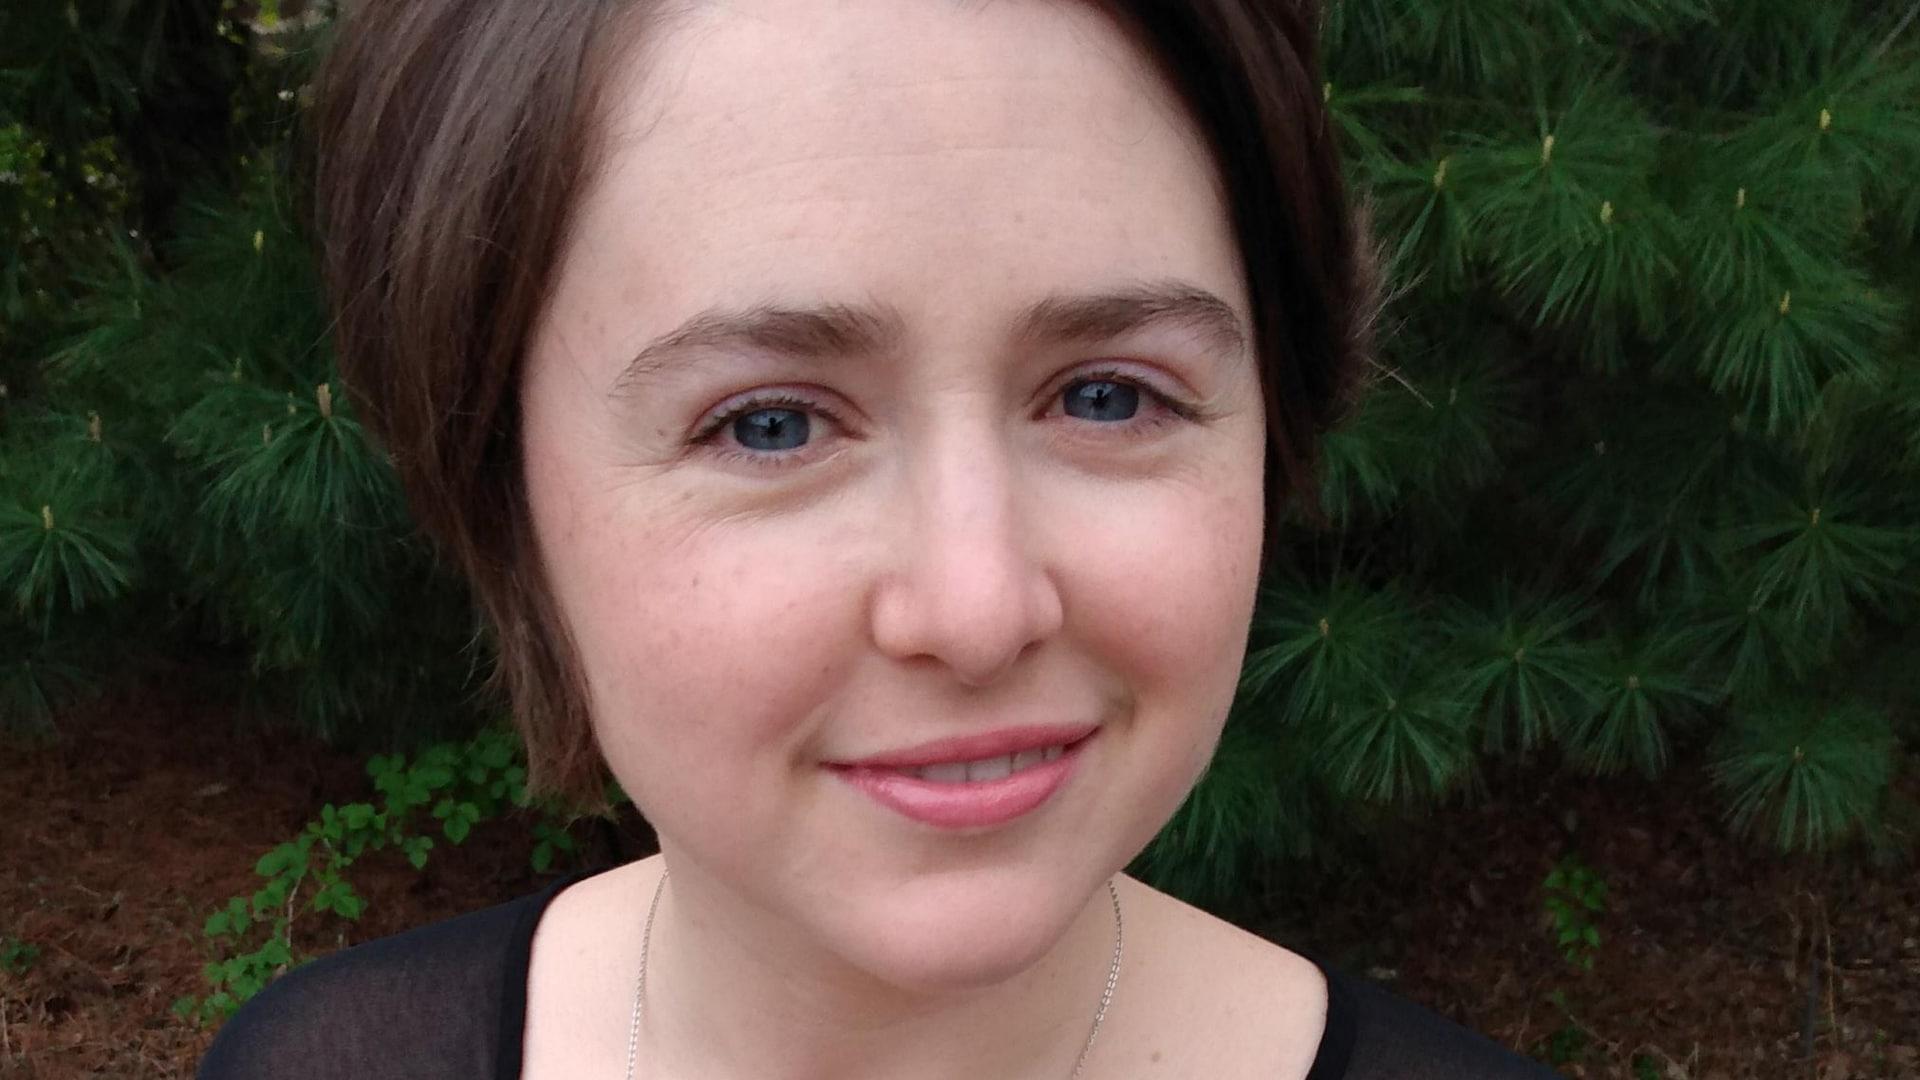 Portrait en couleur, en extérieur, légèrement en plongée de l'autrice Vicky Larochelle. Elle porte un haut noir à manches courtes et une chaîne autour du cou. En arrière-plan : des pavés et des branches de conifère.